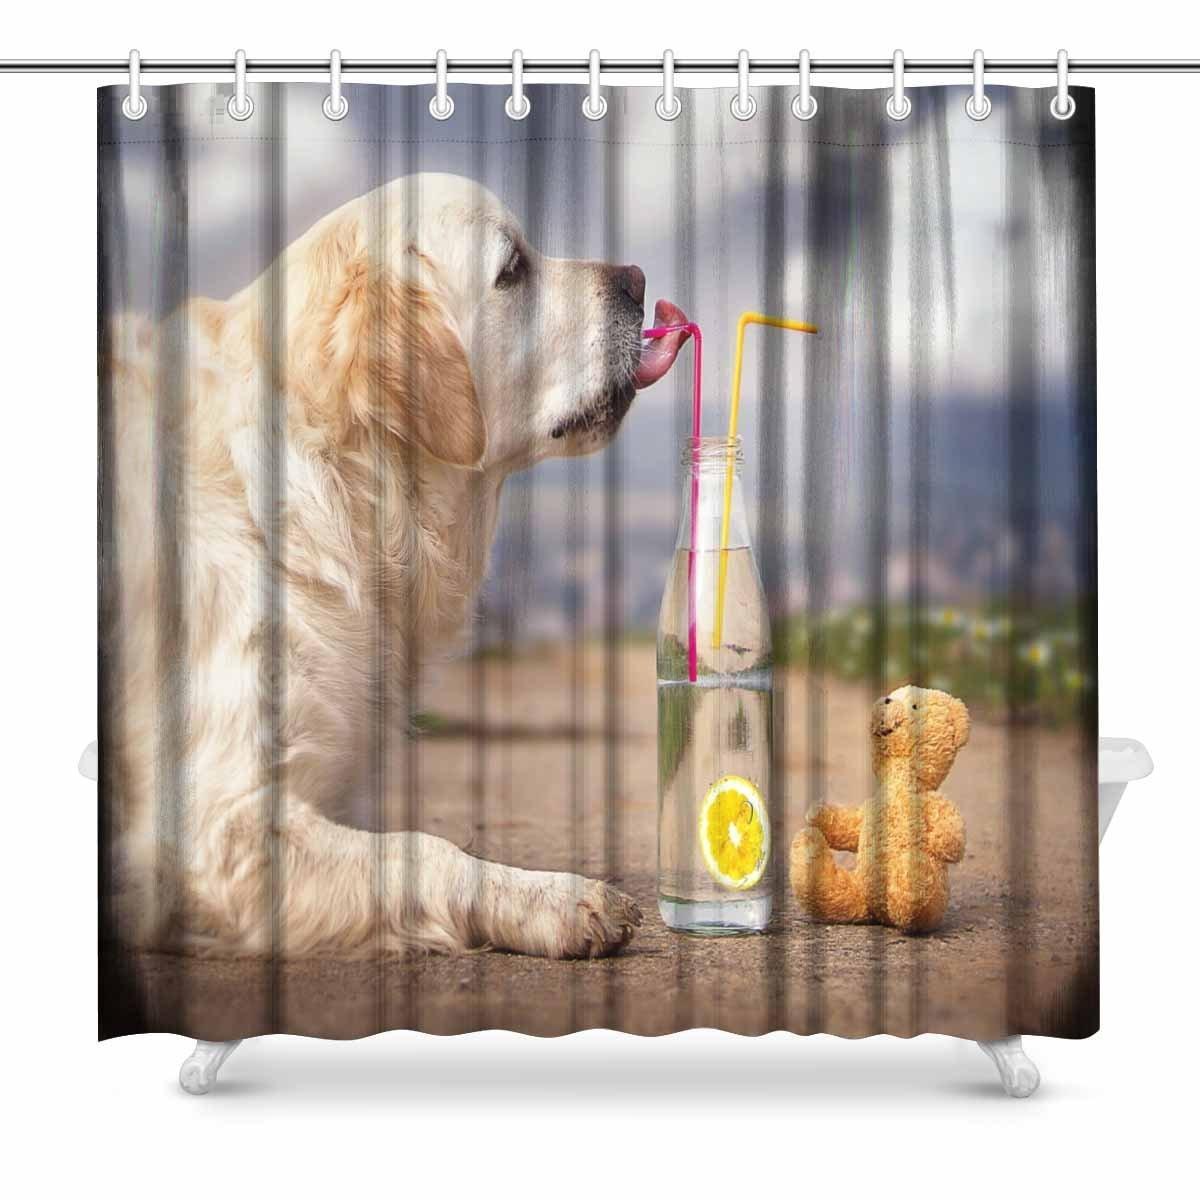 Labrador Retriever Puppy Shower Curtain Hooks Bathroom